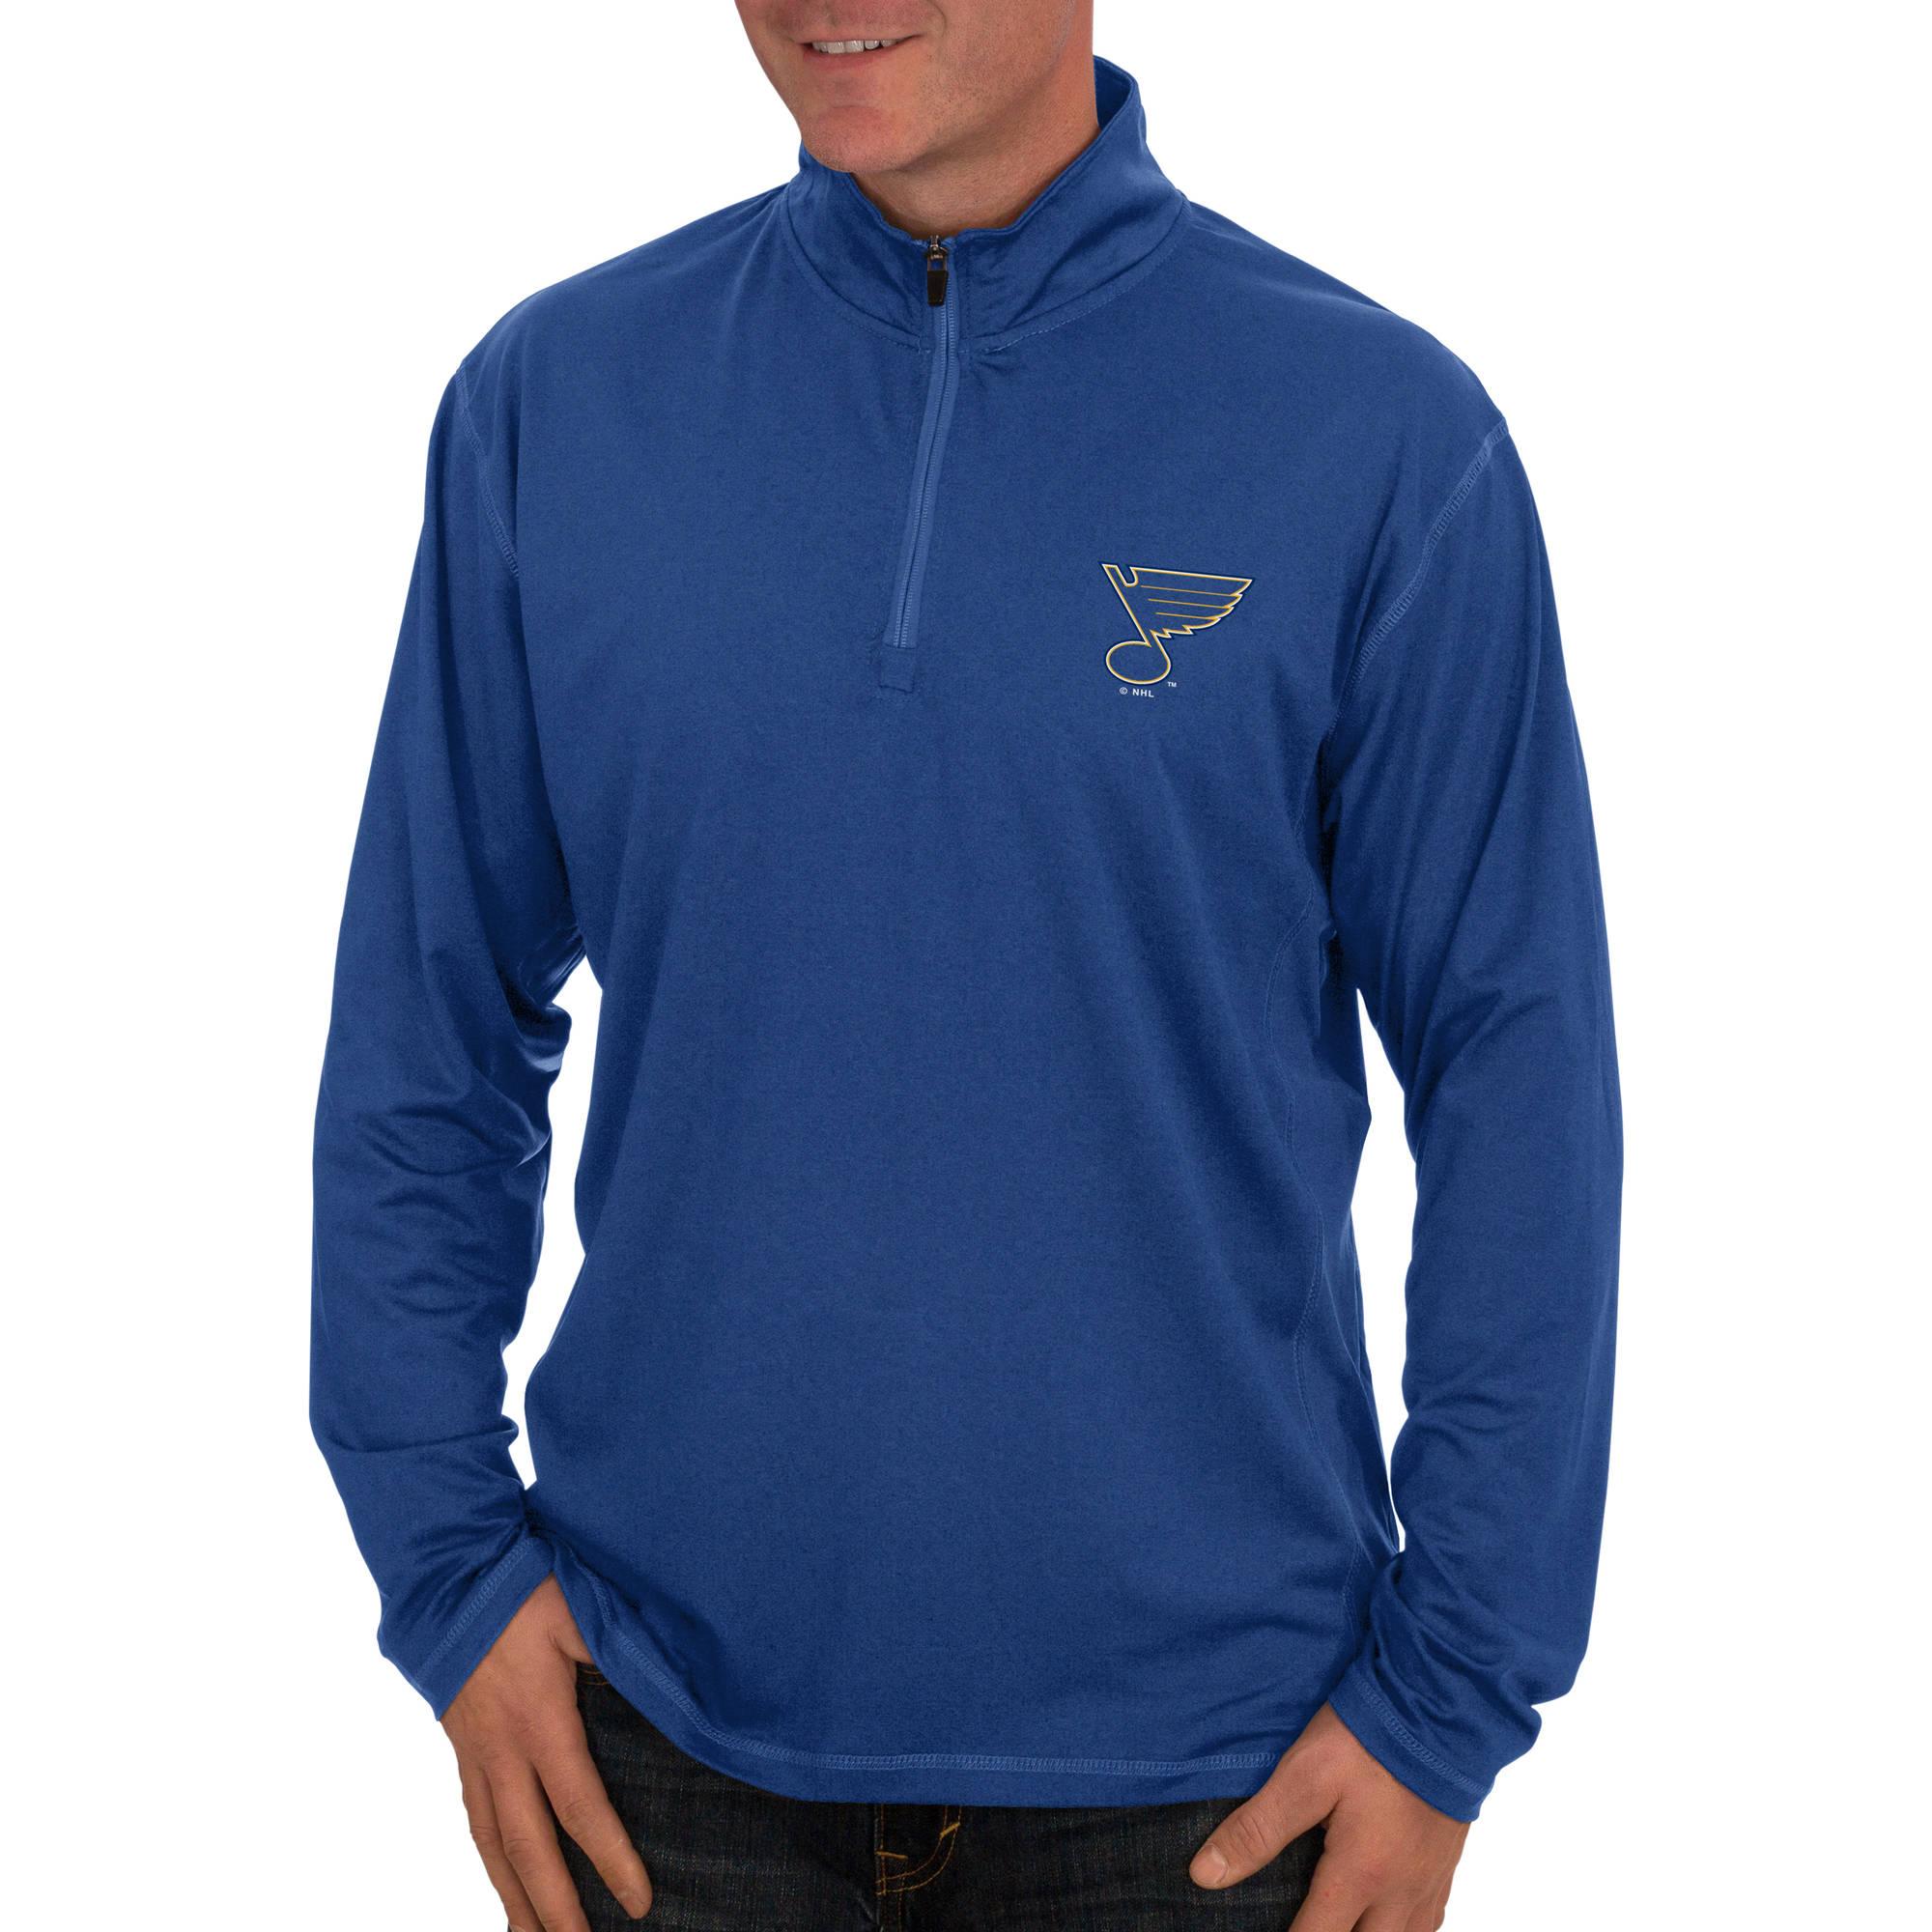 NHL St. Louis Blues, Men's Quarter-Zip Fitness Jacket